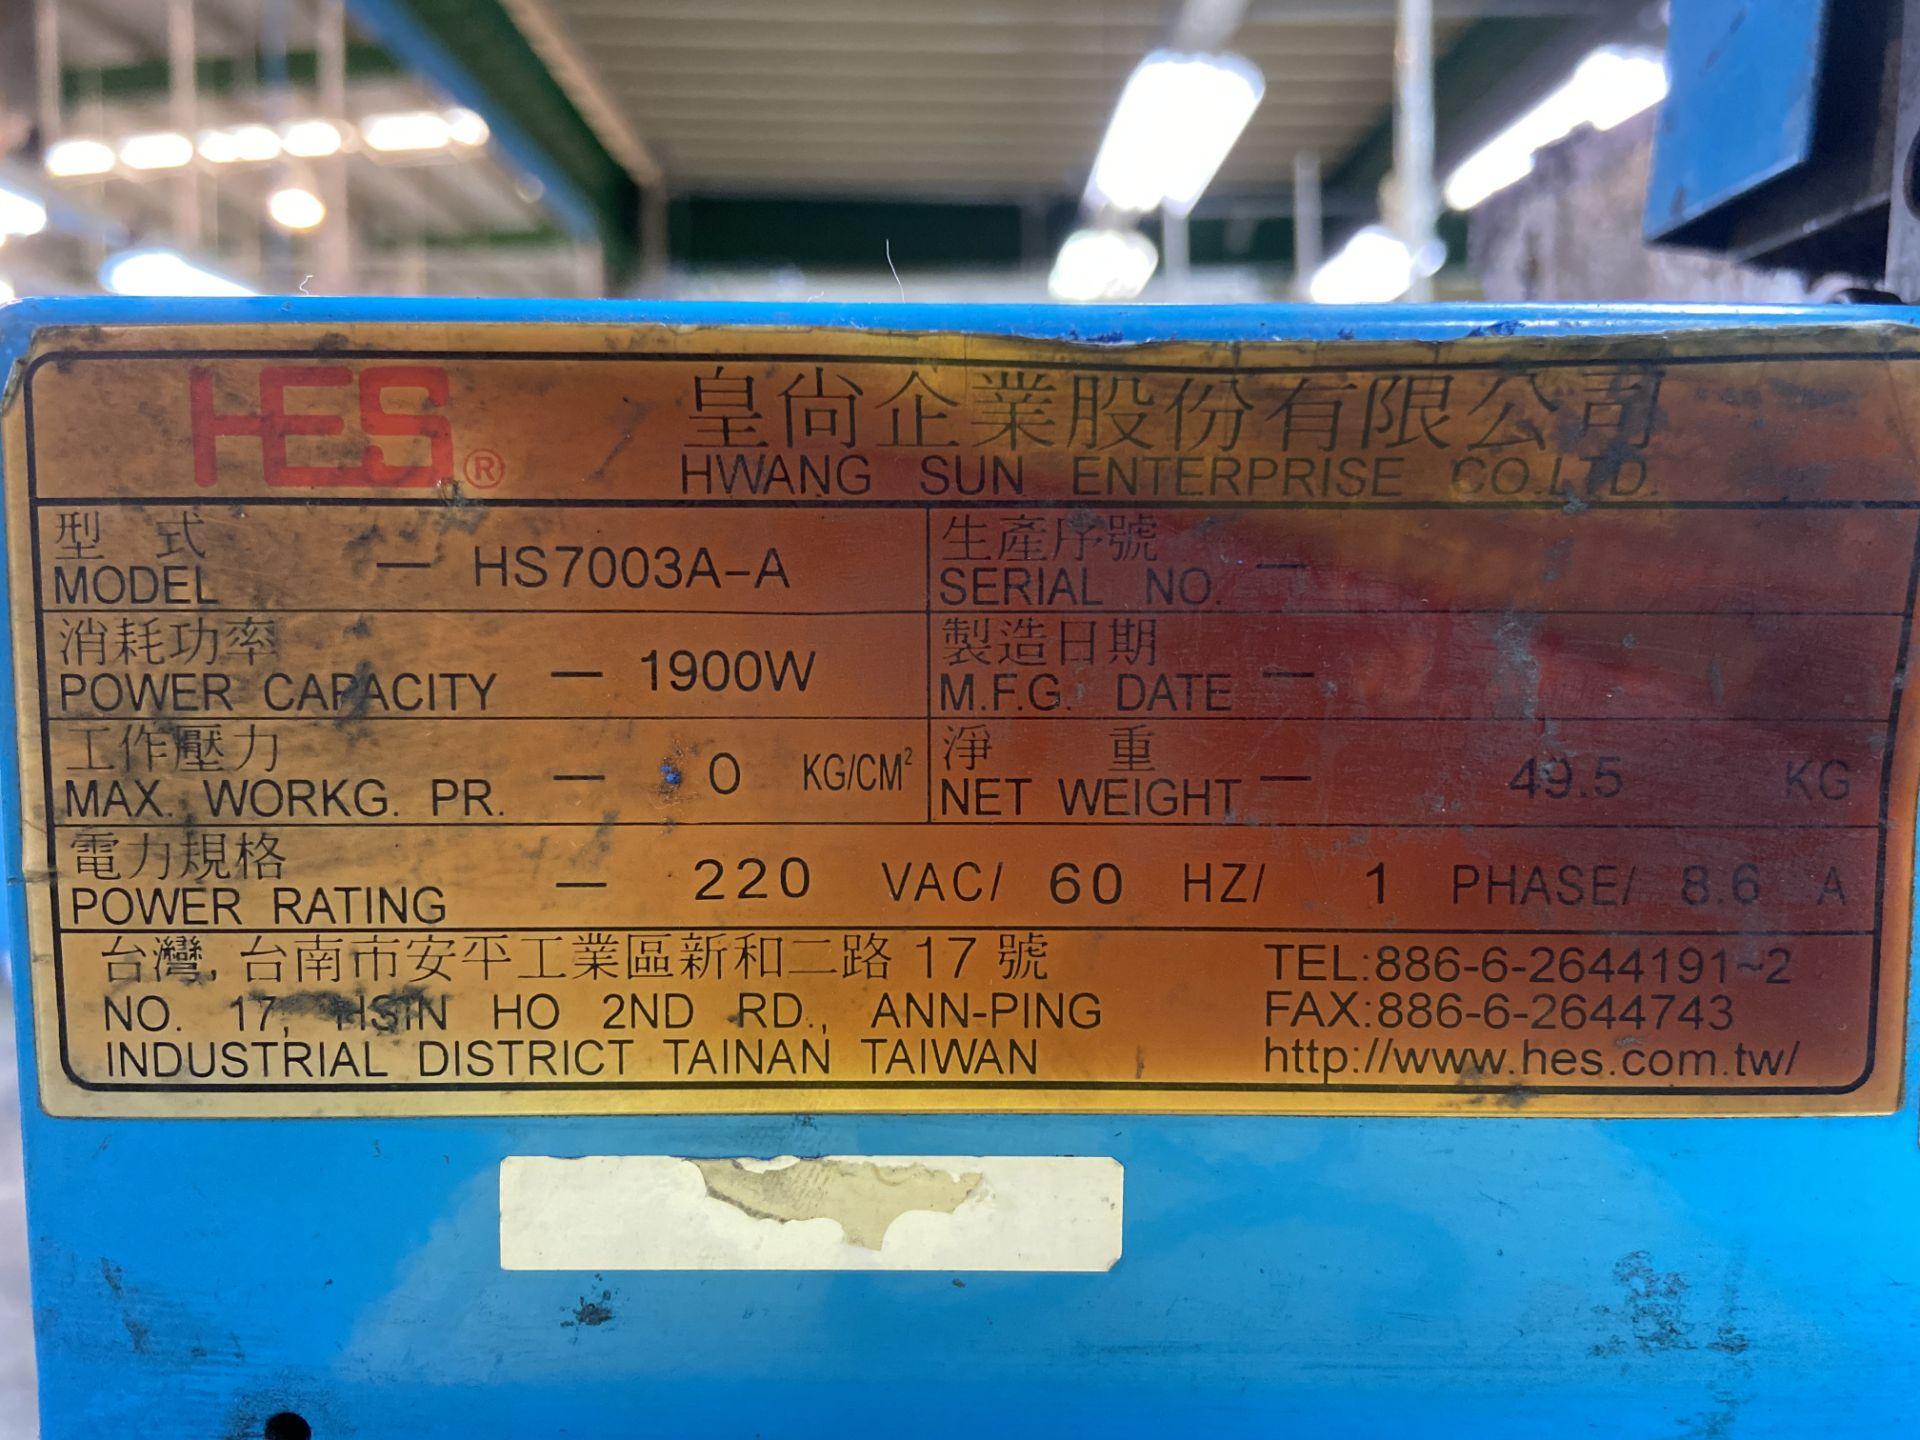 Lot 28 - (2) Mini glue de rodillo marca Hwang Sun Enterprise, Modelo: HS7003A-A